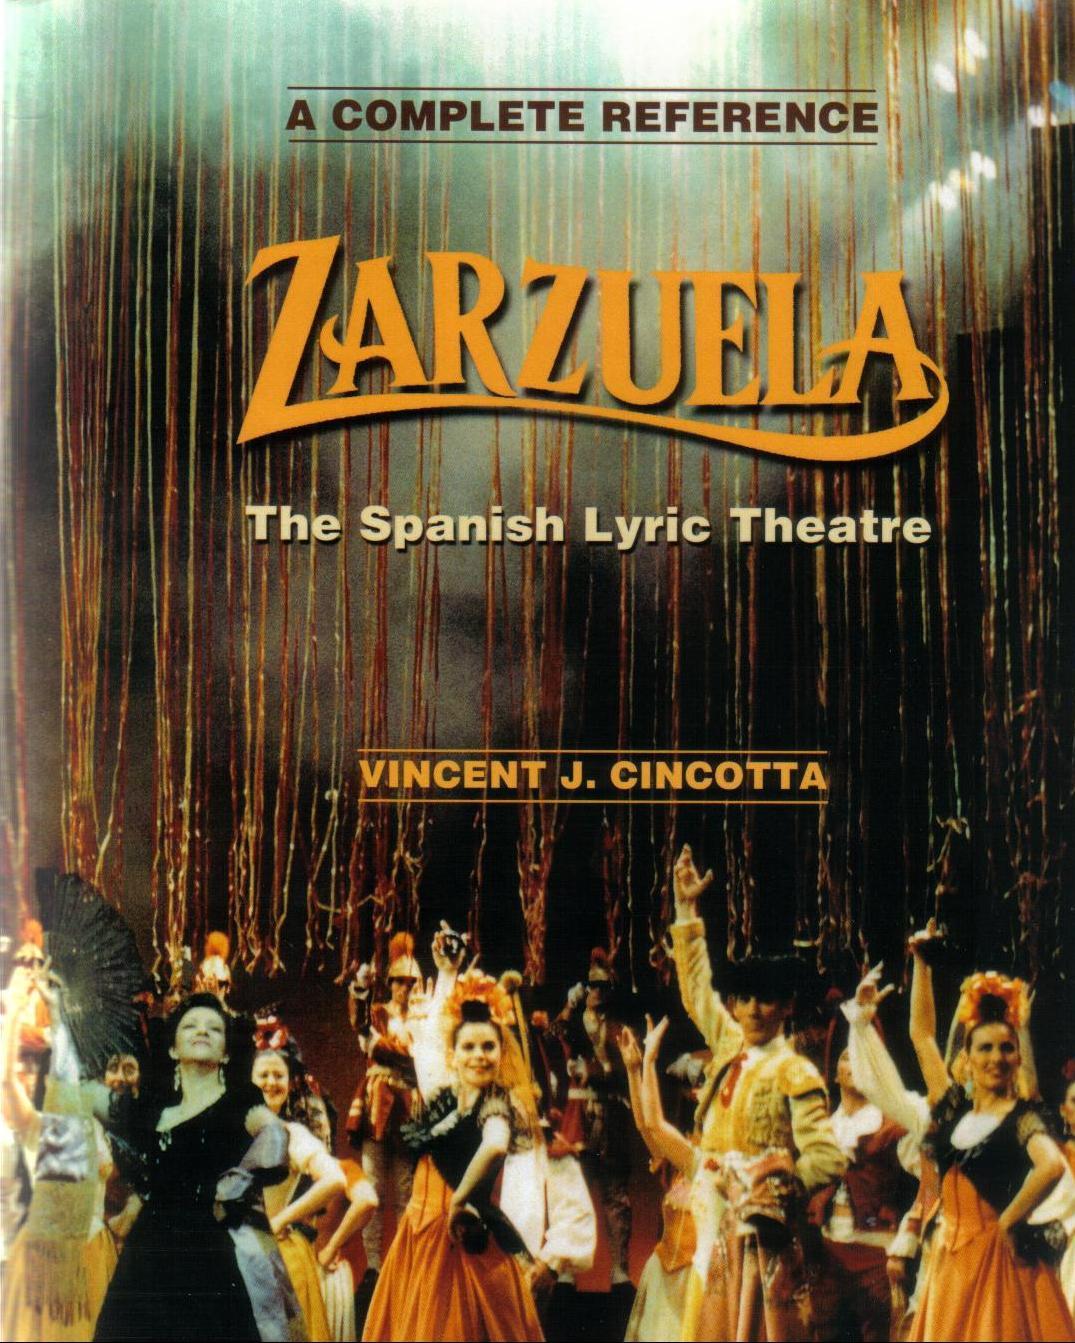 La zarzuela 1 generalidades y compositores